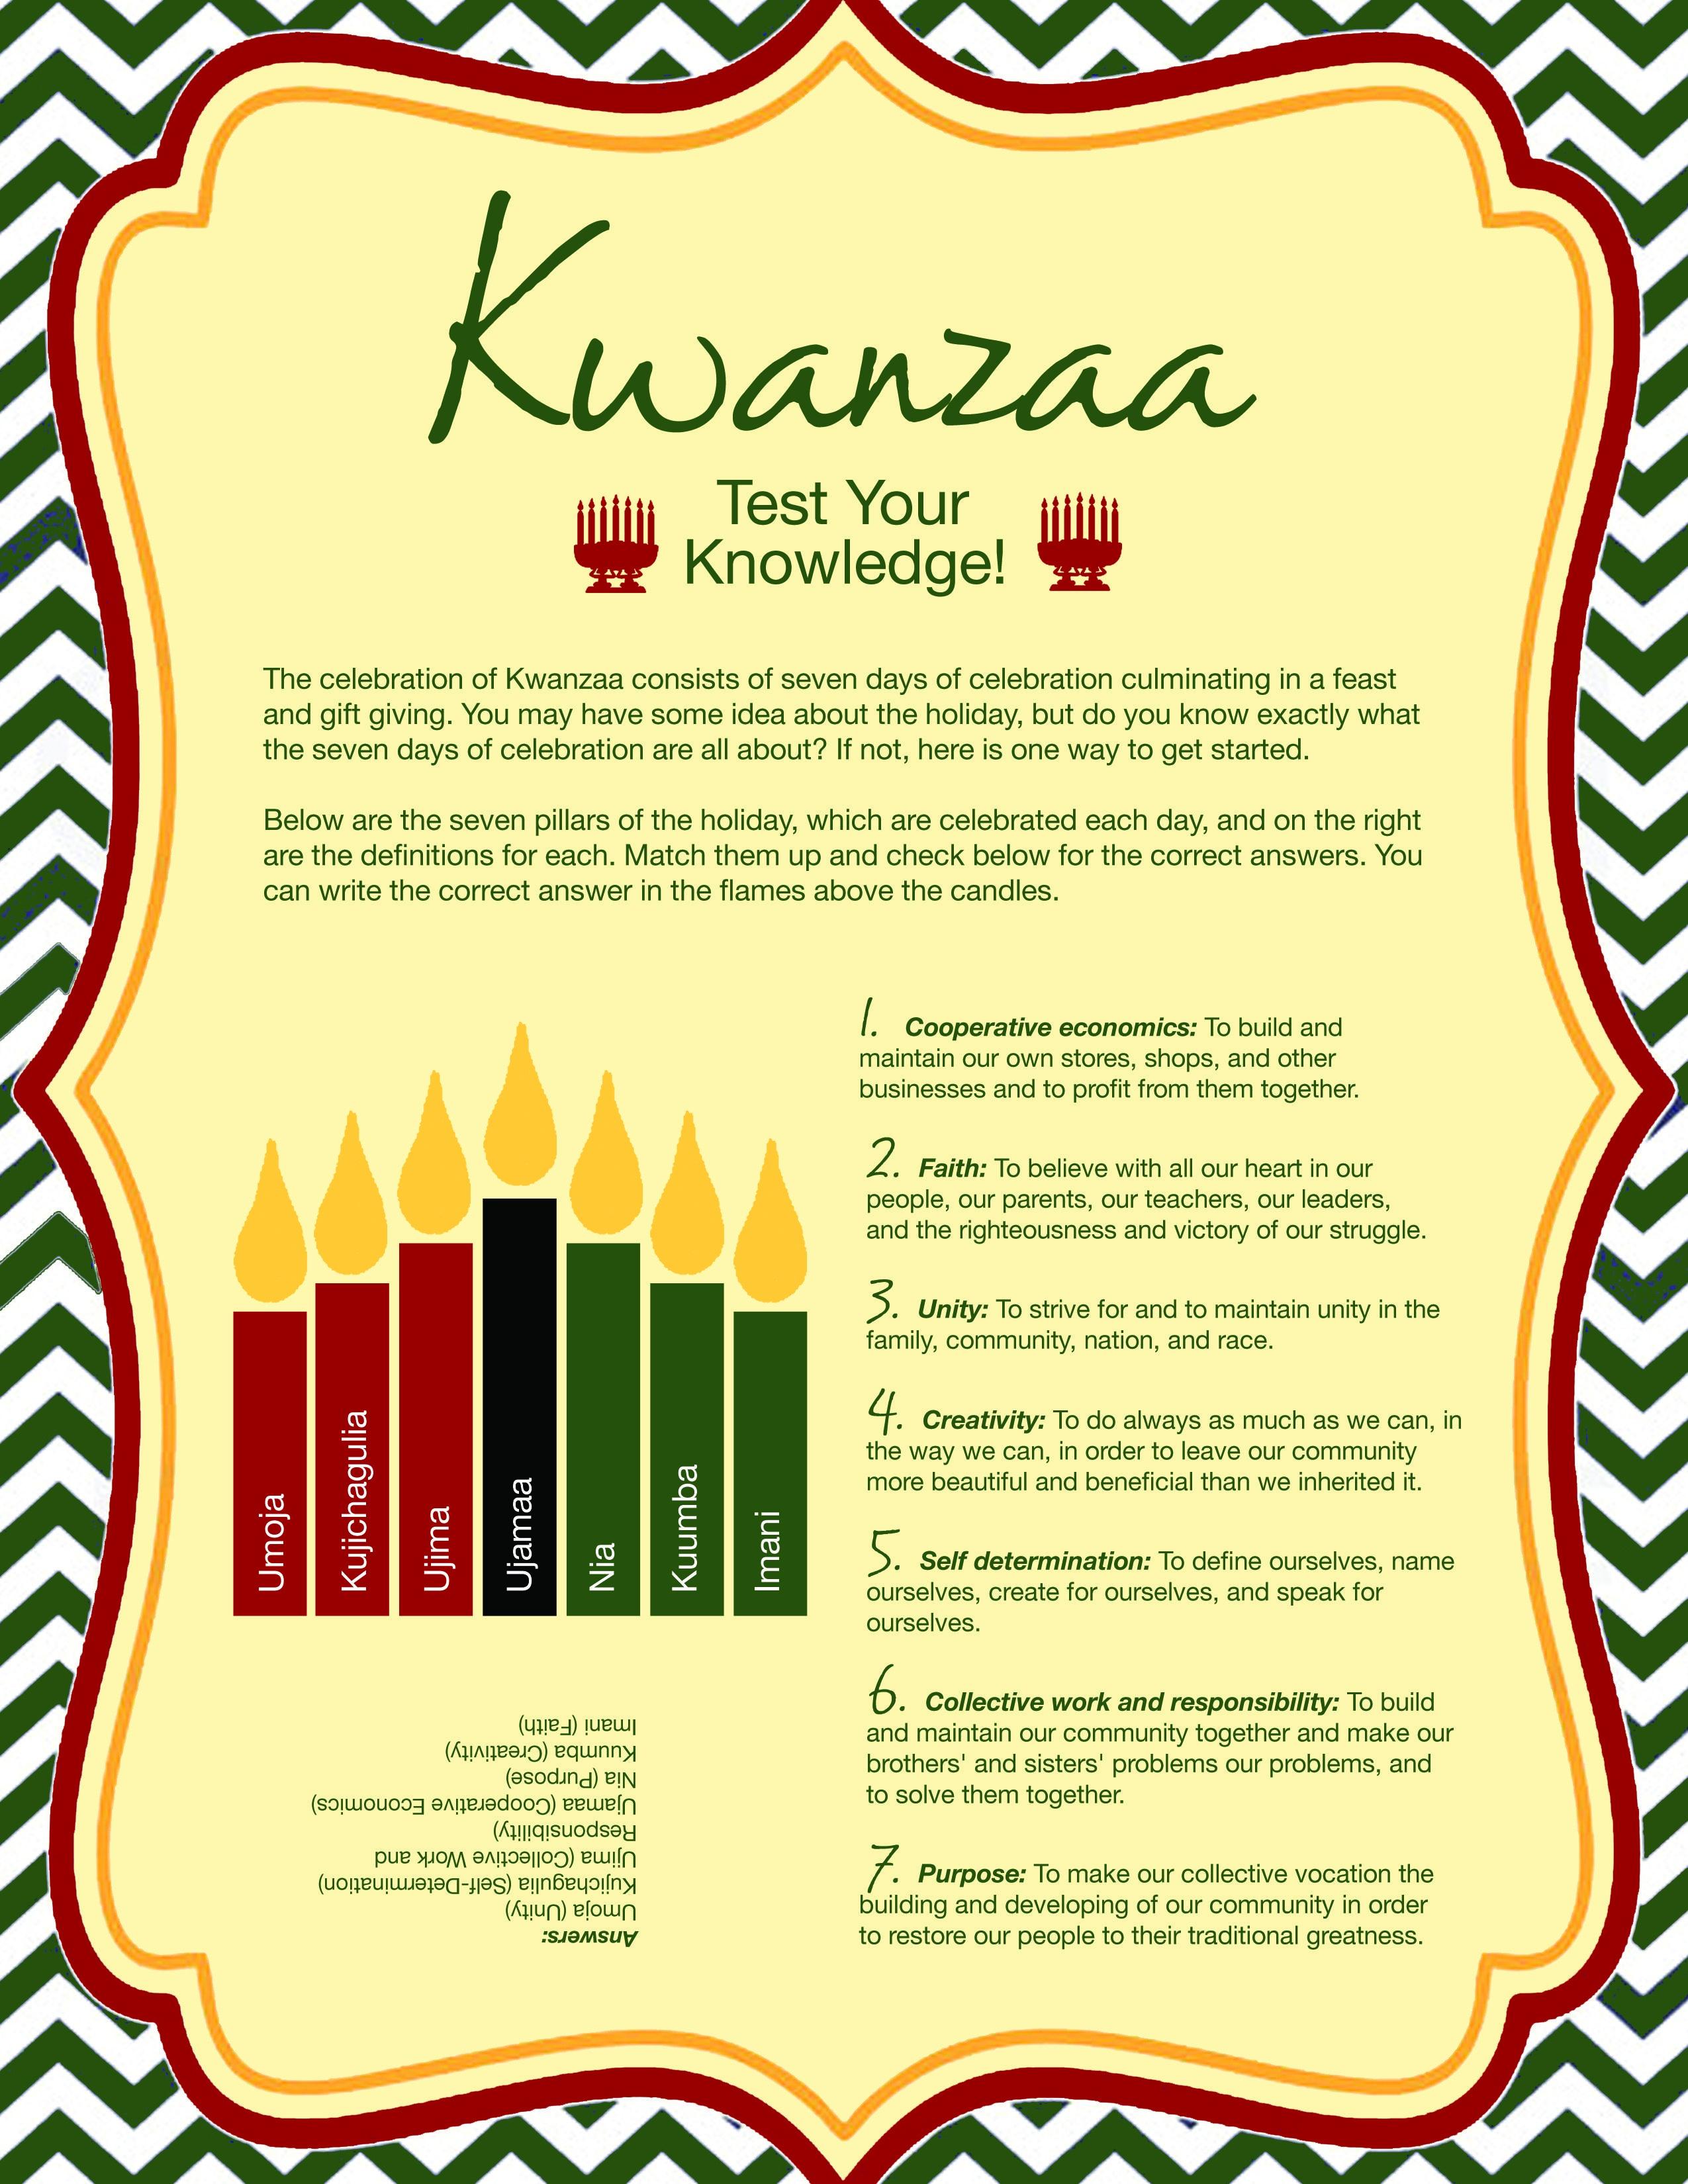 Free Printable Kwanzaa Quiz | Celebrate Kwanzaa!!! | Kwanzaa 2016 - Kwanzaa Trivia Free Printable